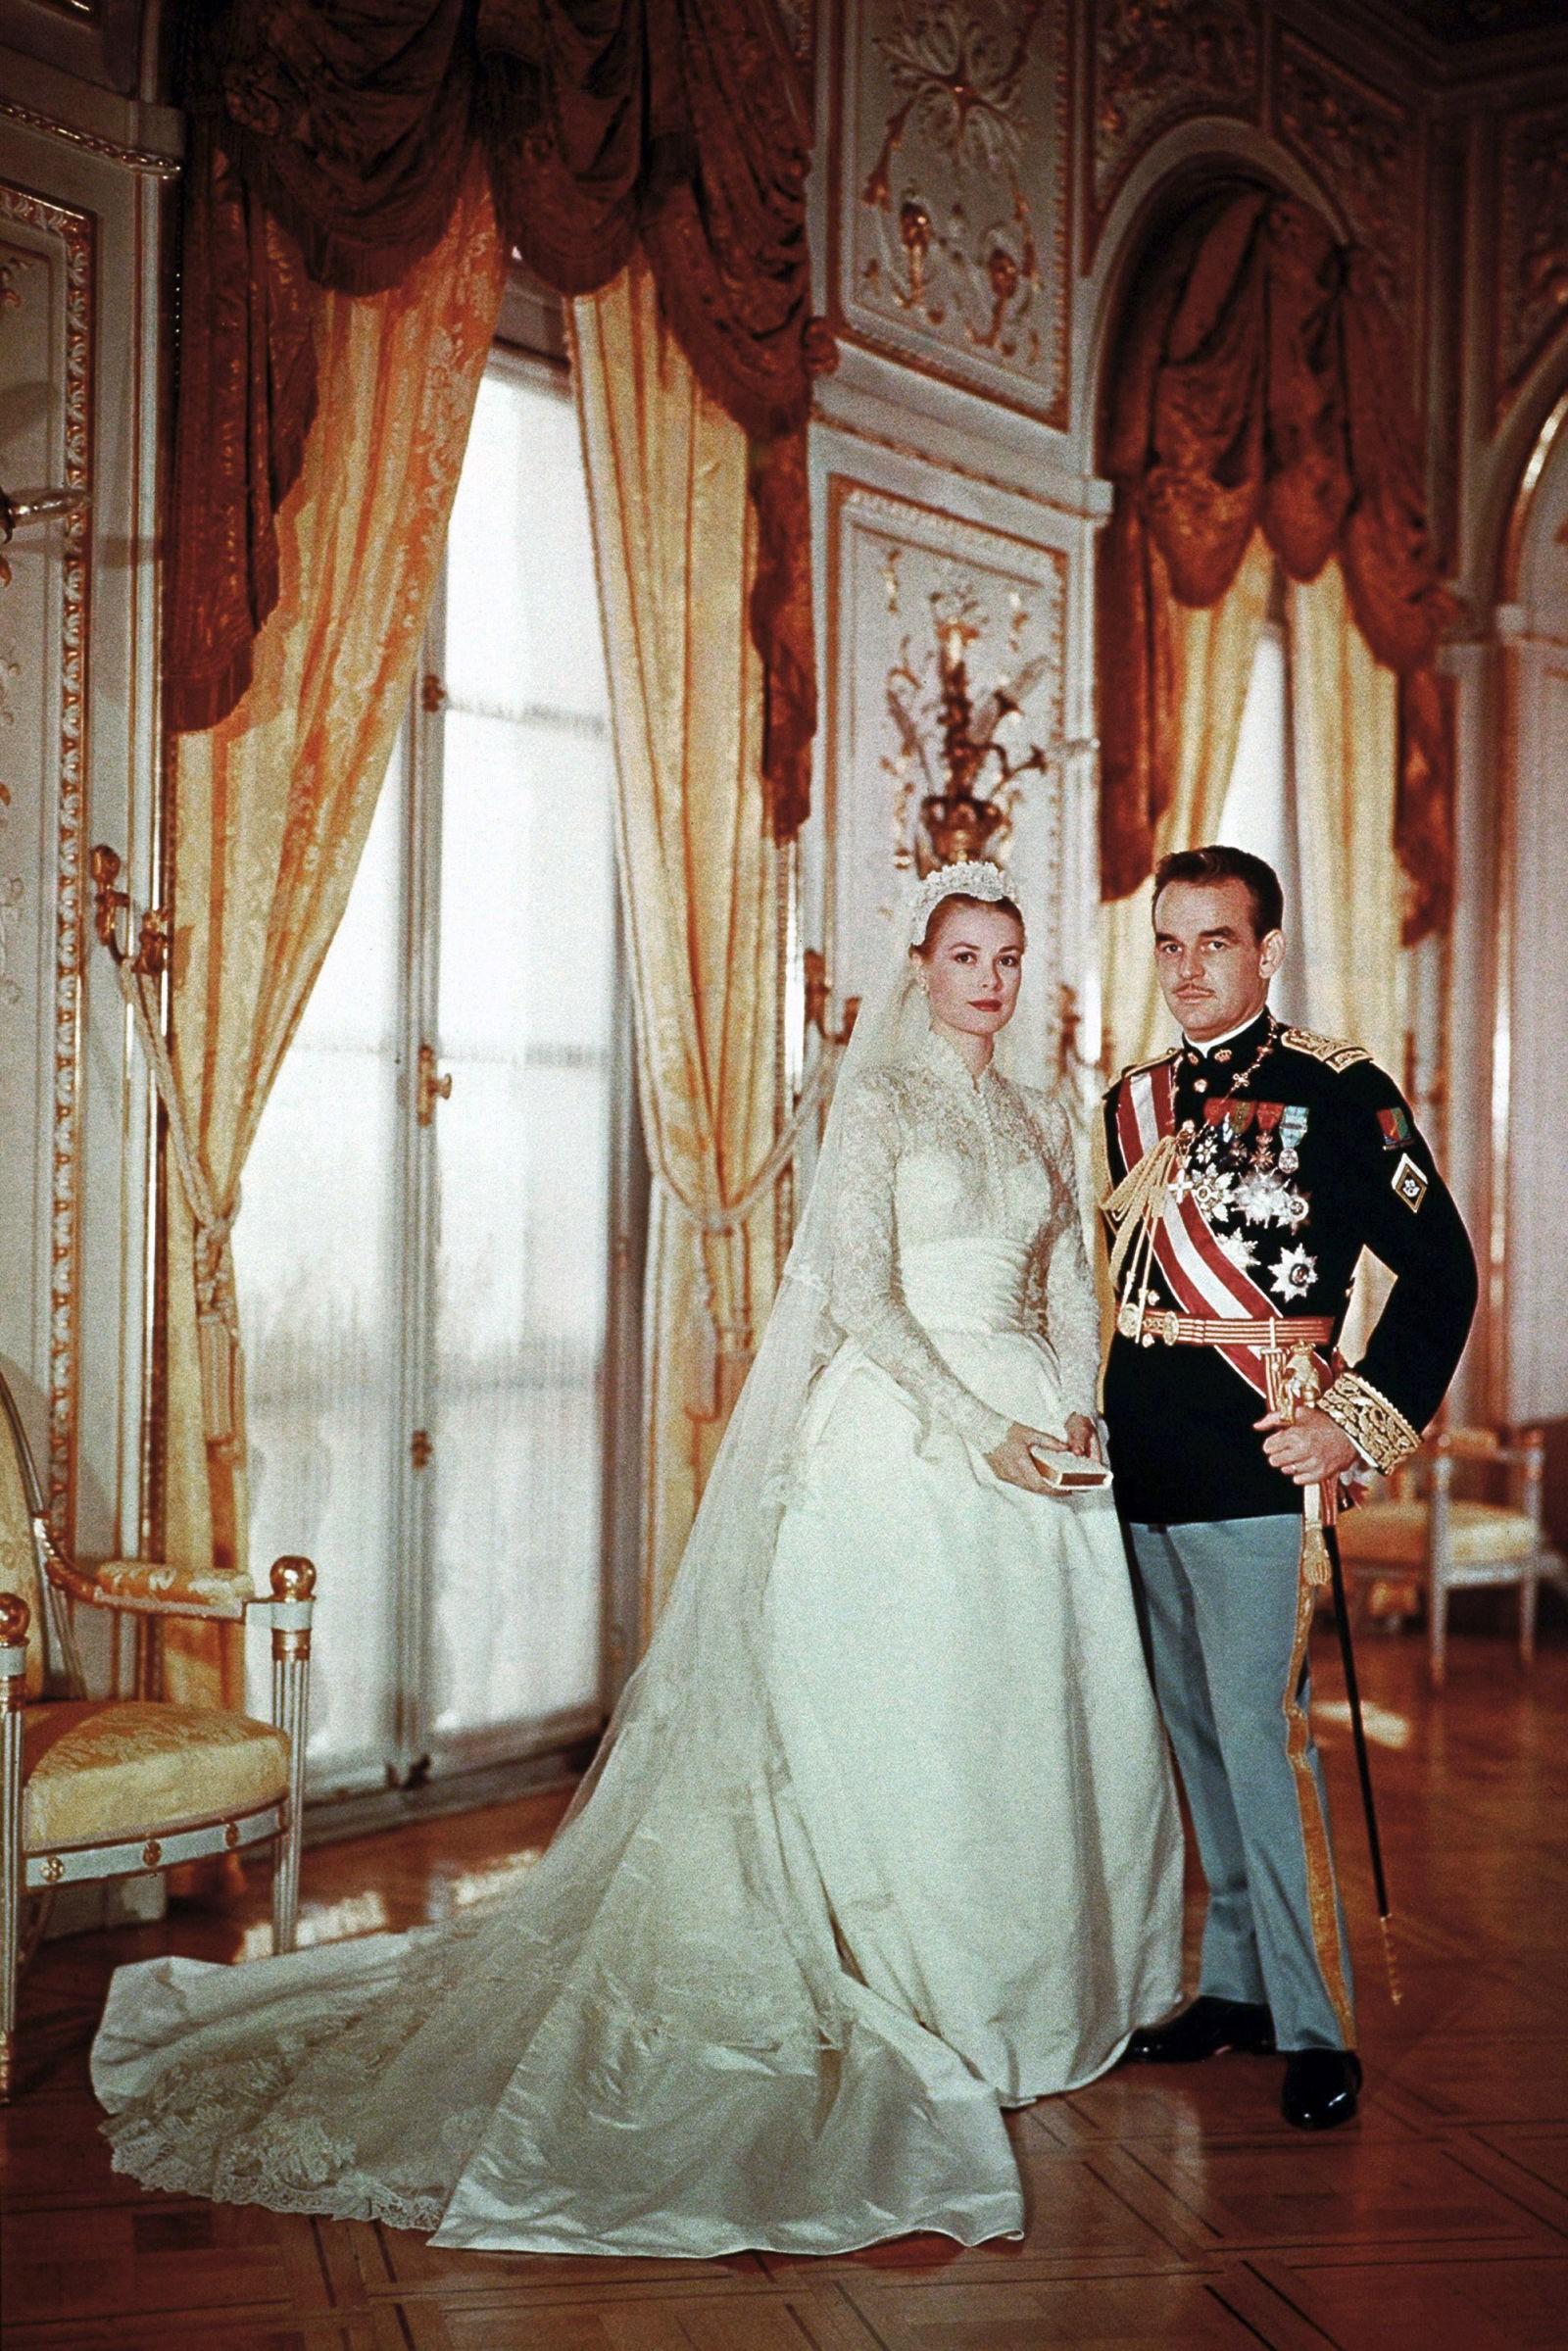 Váy cưới Nhã Phương nhìn hao hao váy cưới Hoa hậu Đặng Thu Thảo - Ảnh 12.